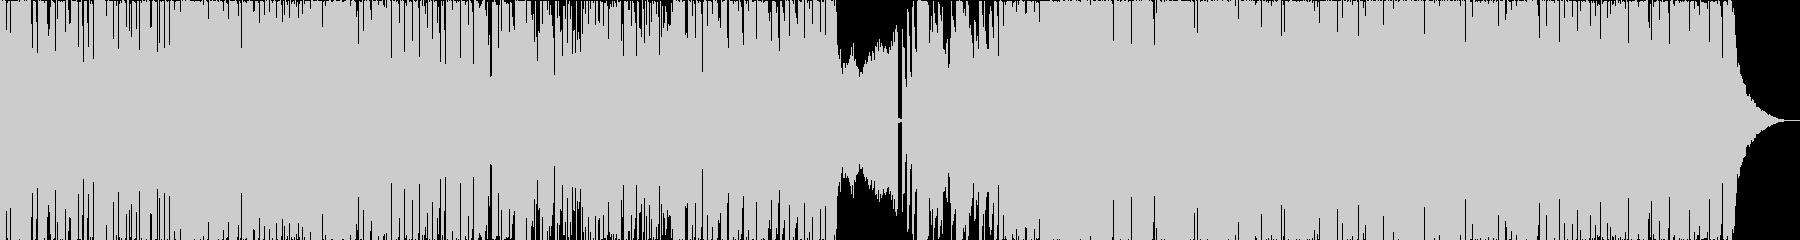 スピード感満載のトランスBGMの未再生の波形